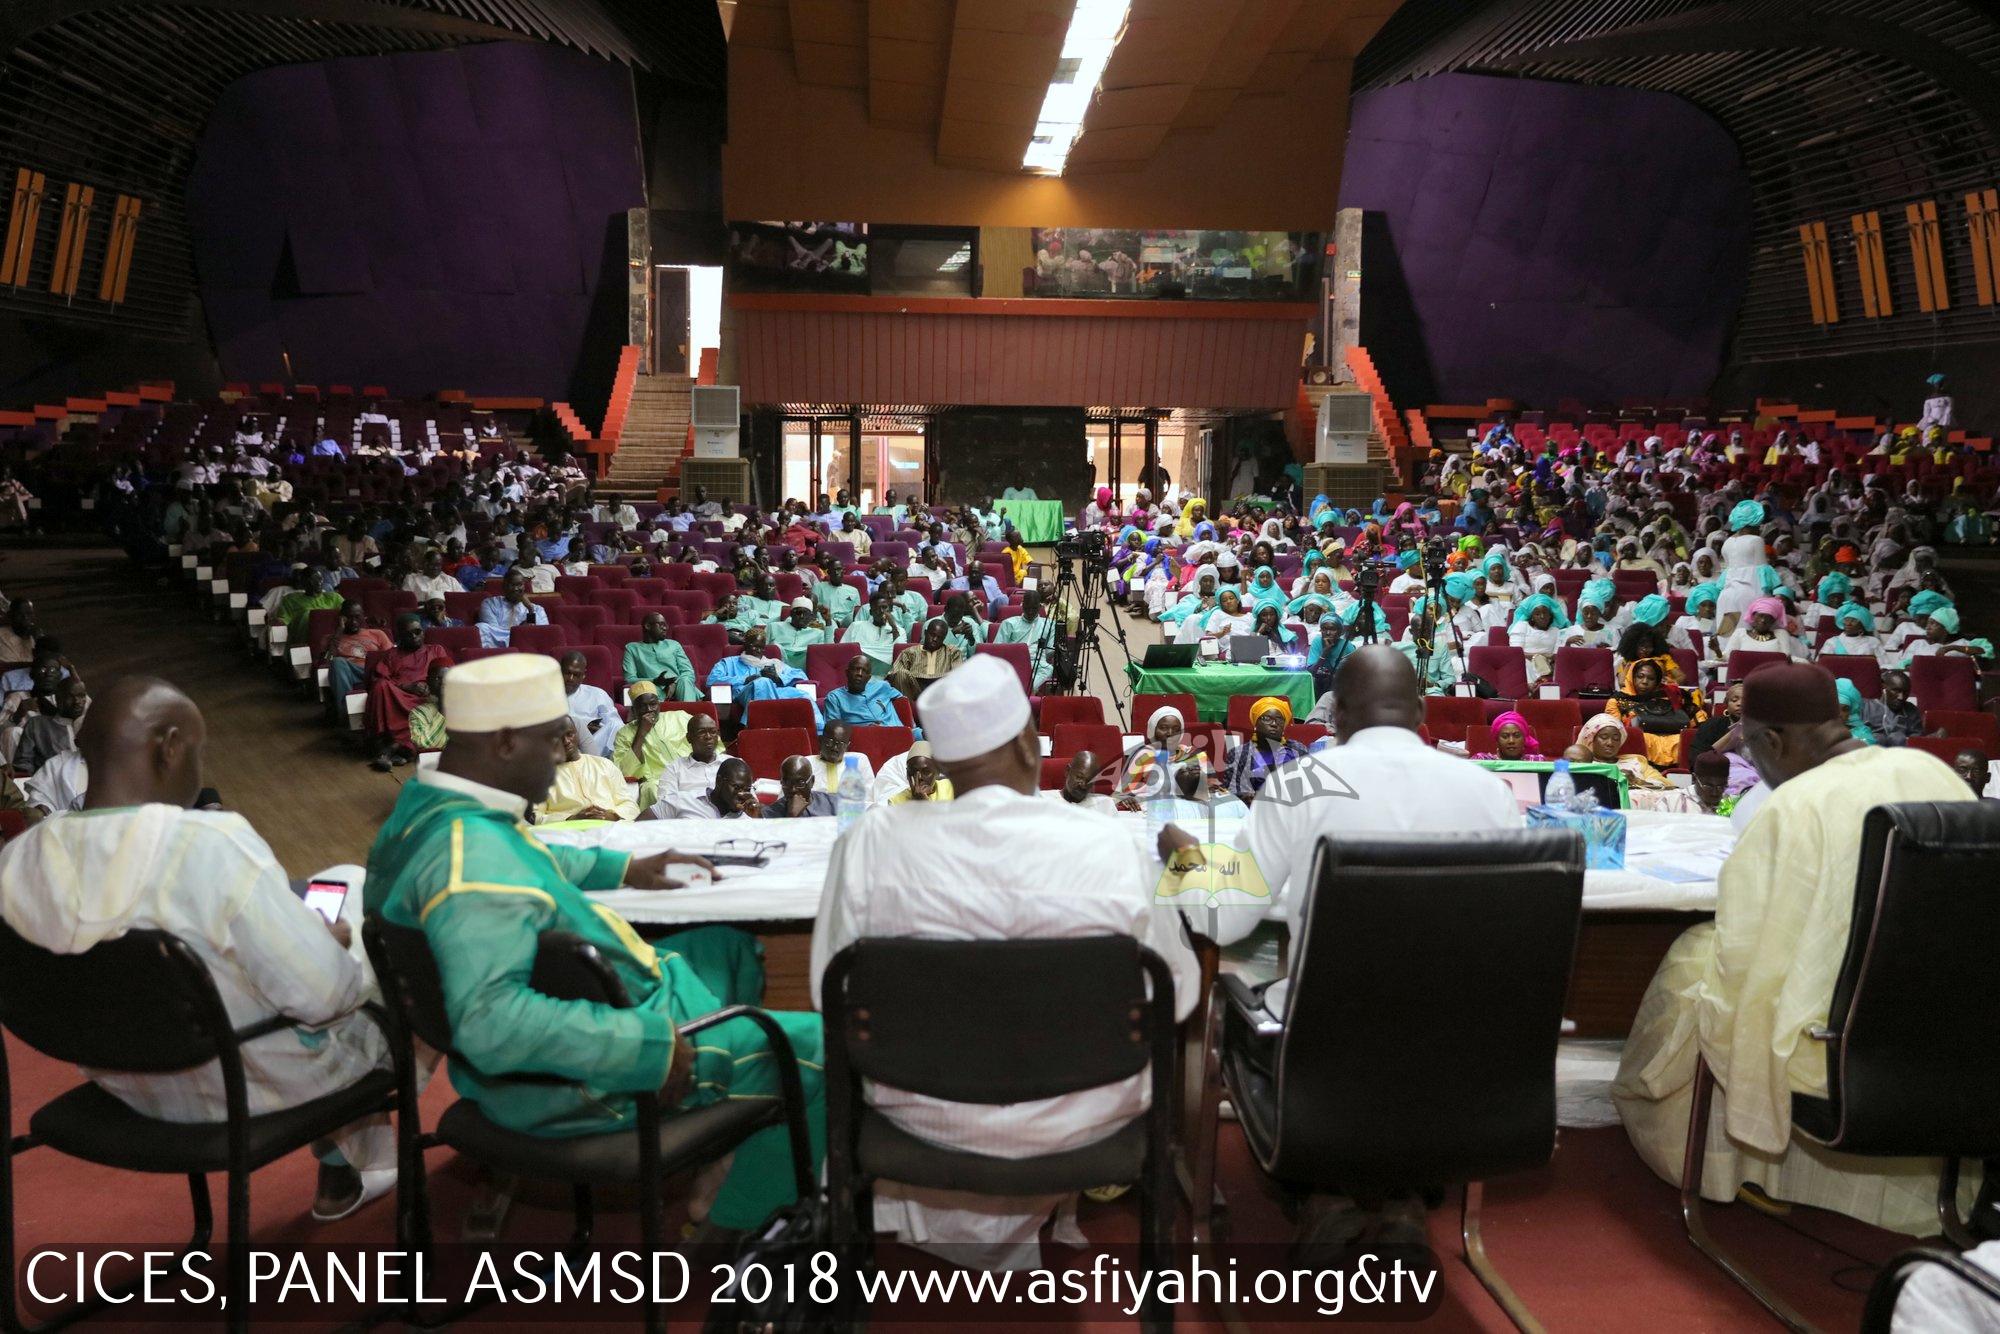 PHOTOS - CICES 2018 - Les images du Panel des amis et sympathisants de Serigne Mansour Sy Djamil